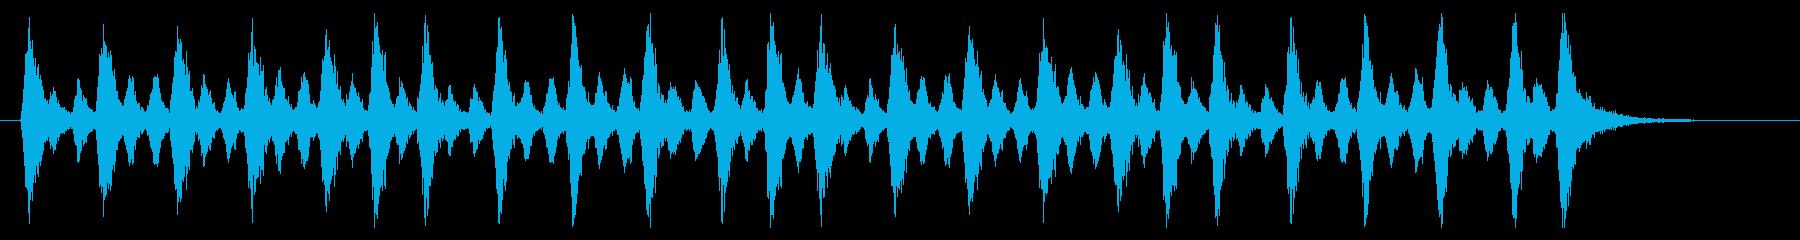 緊迫したオーケストラのジングルの再生済みの波形